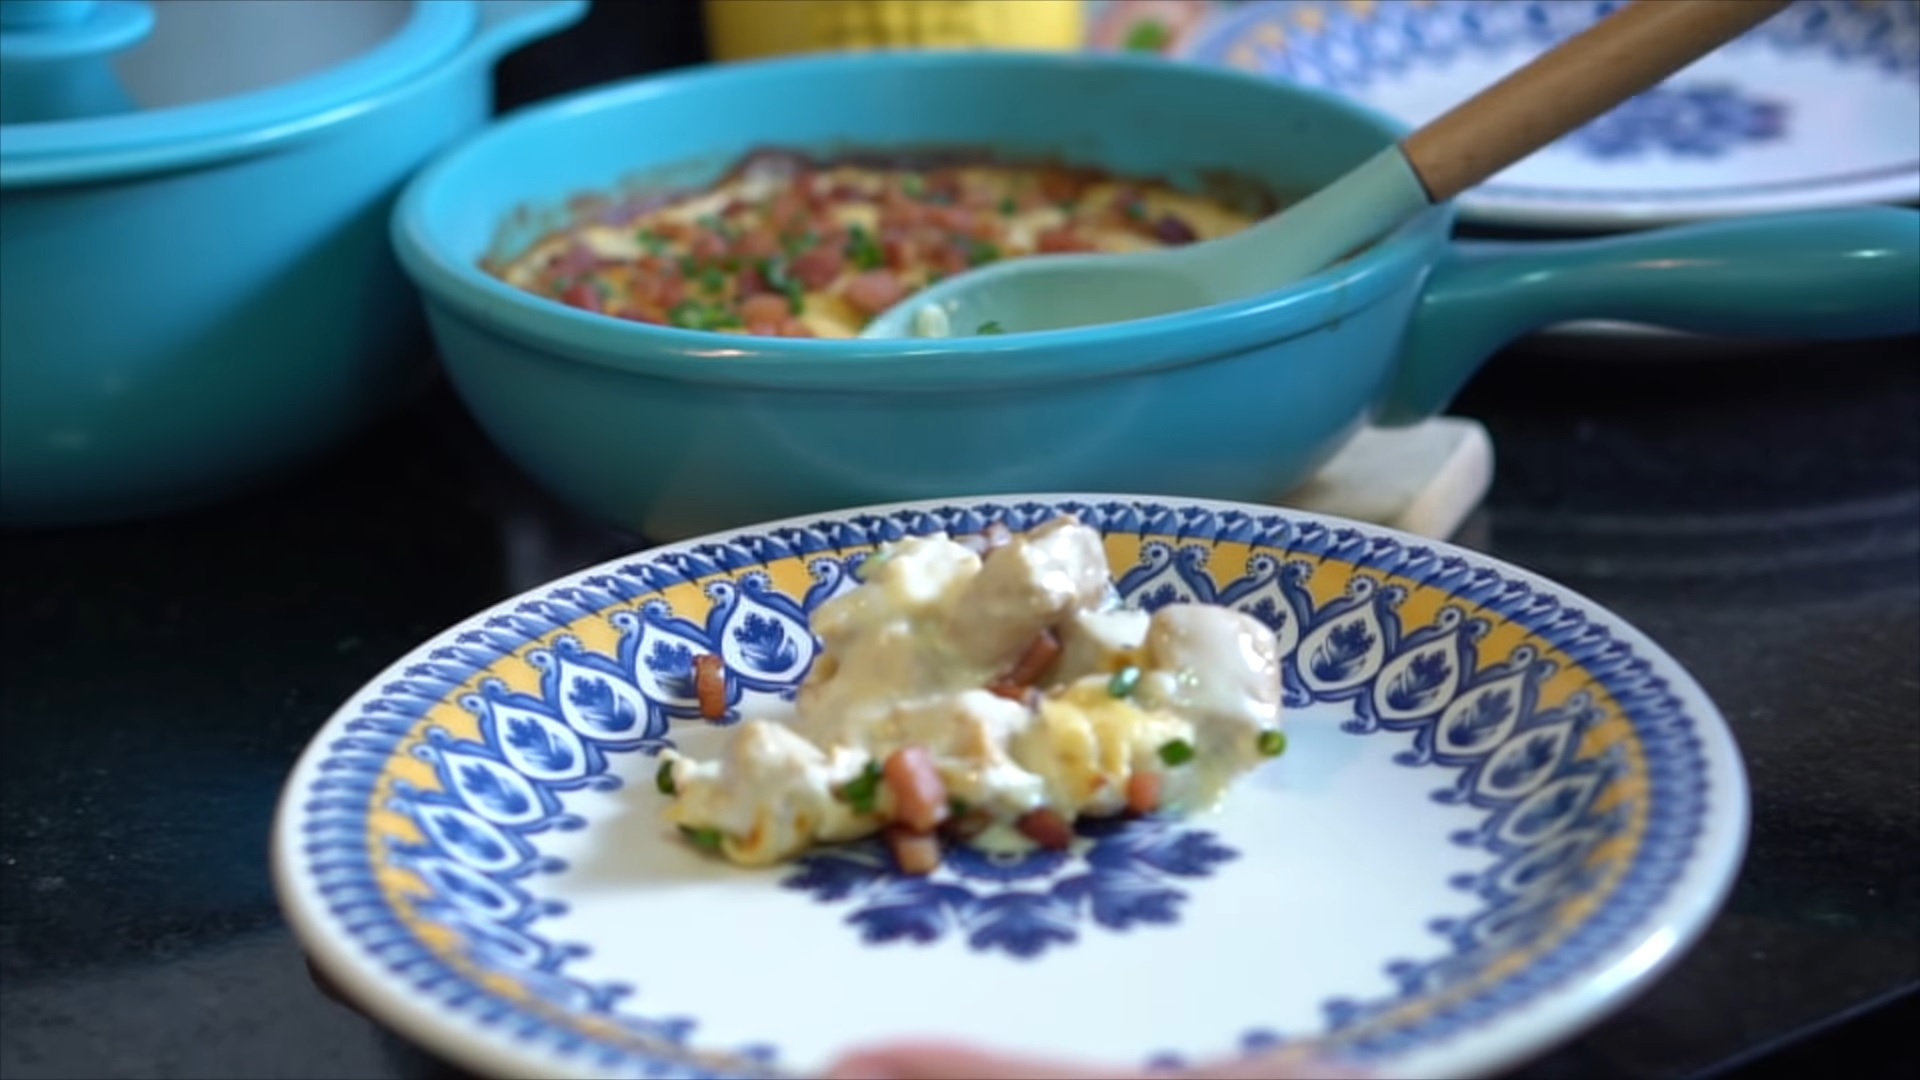 Imagem: Frango ao creme branco e bacon, receita do Panelaterapia.